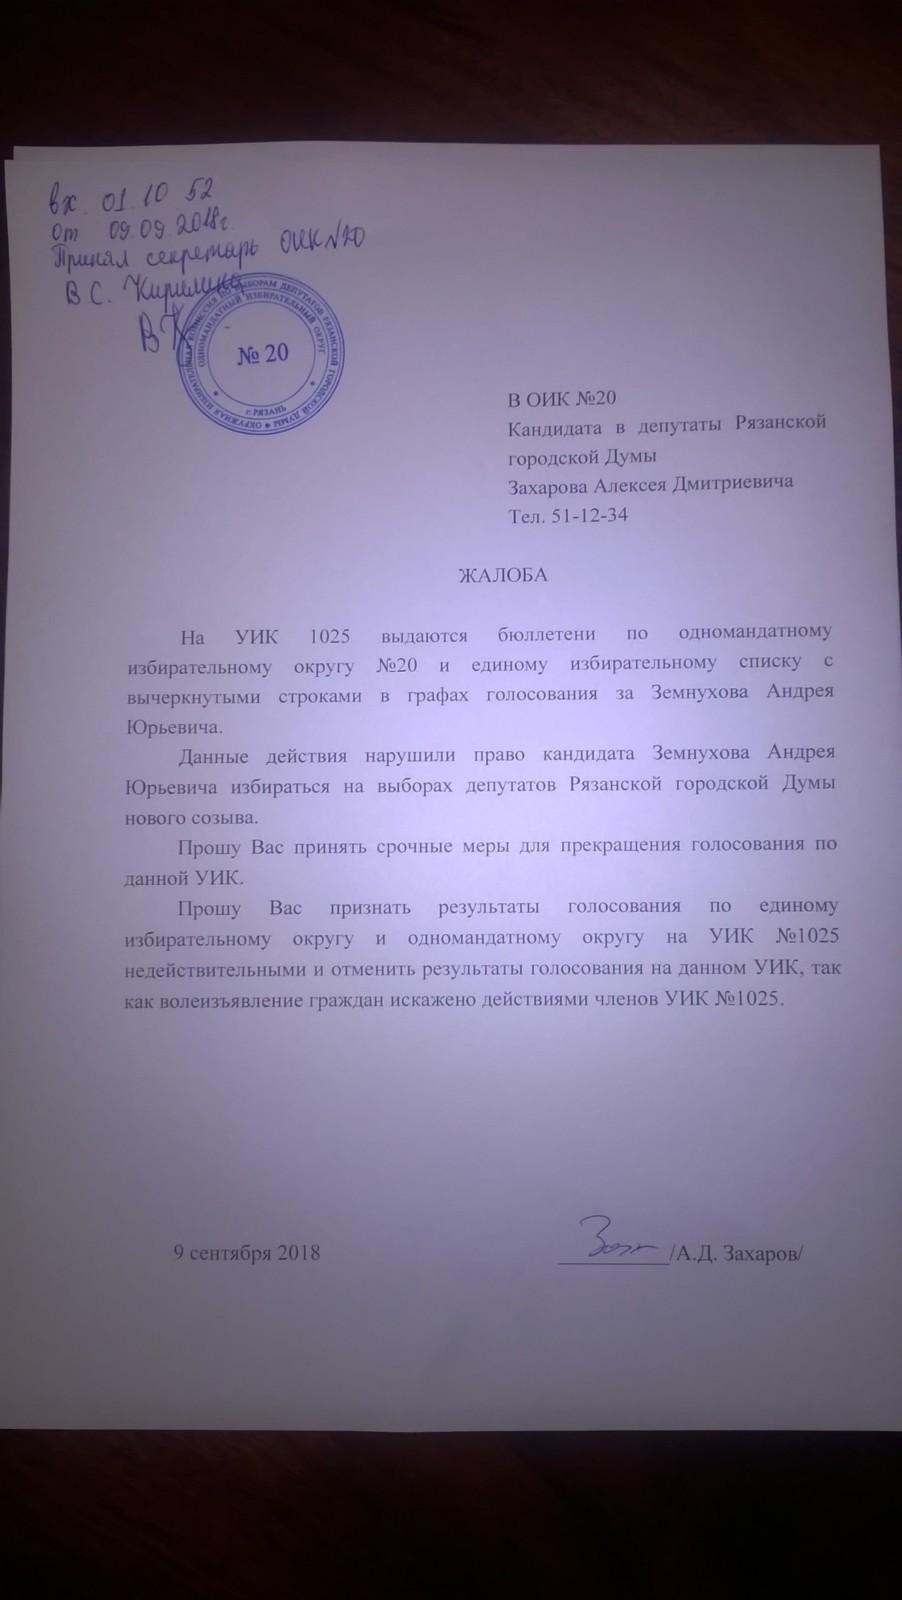 Грубое нарушение выборного законодательства на УИК №1025 избирательного округа №20